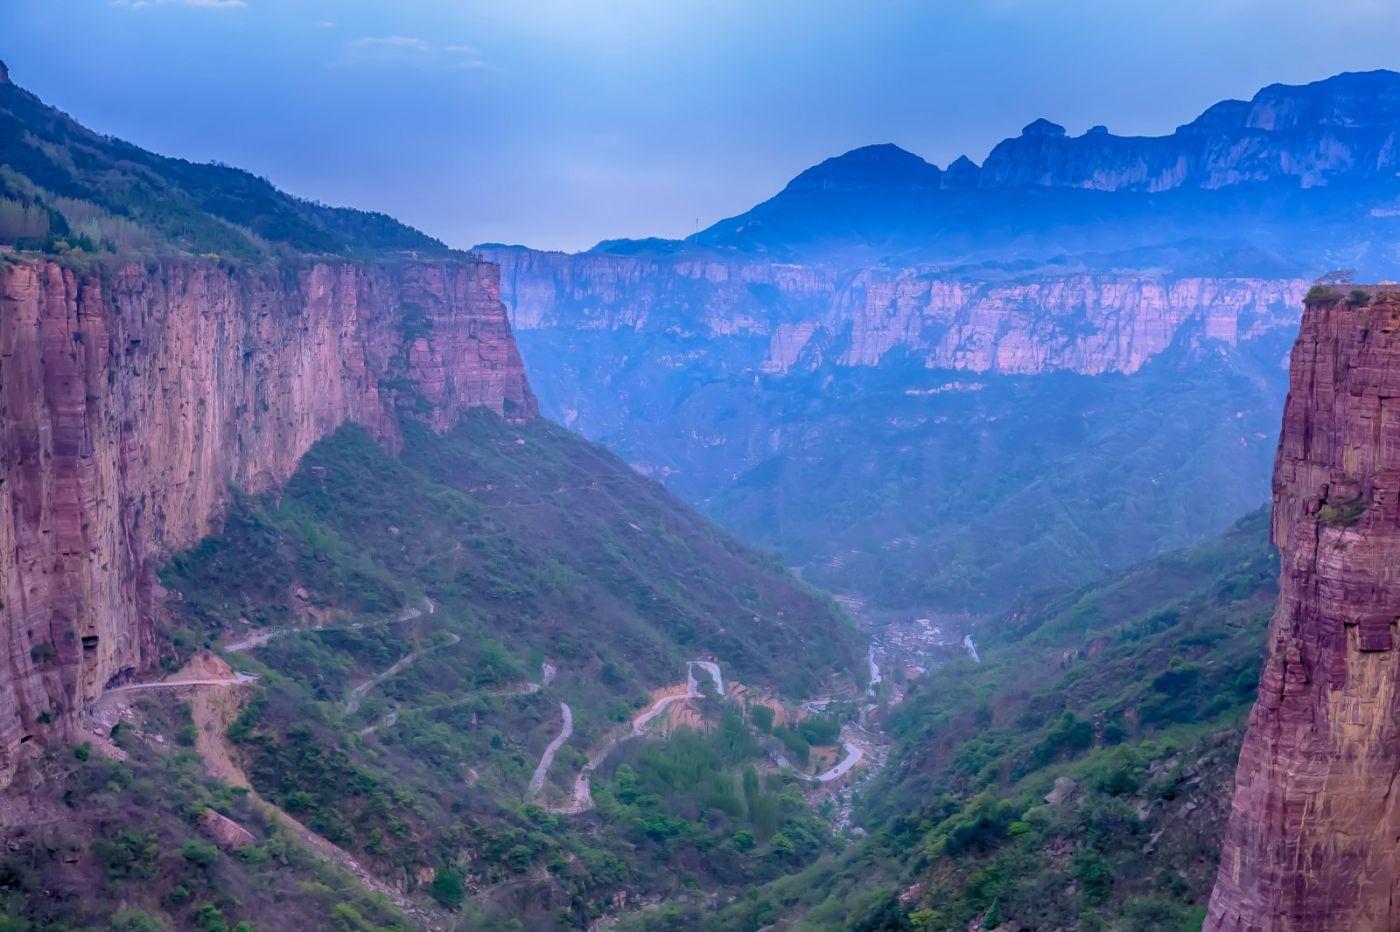 崖壁上的古村落 郭亮村 绝处也有风景_图1-10